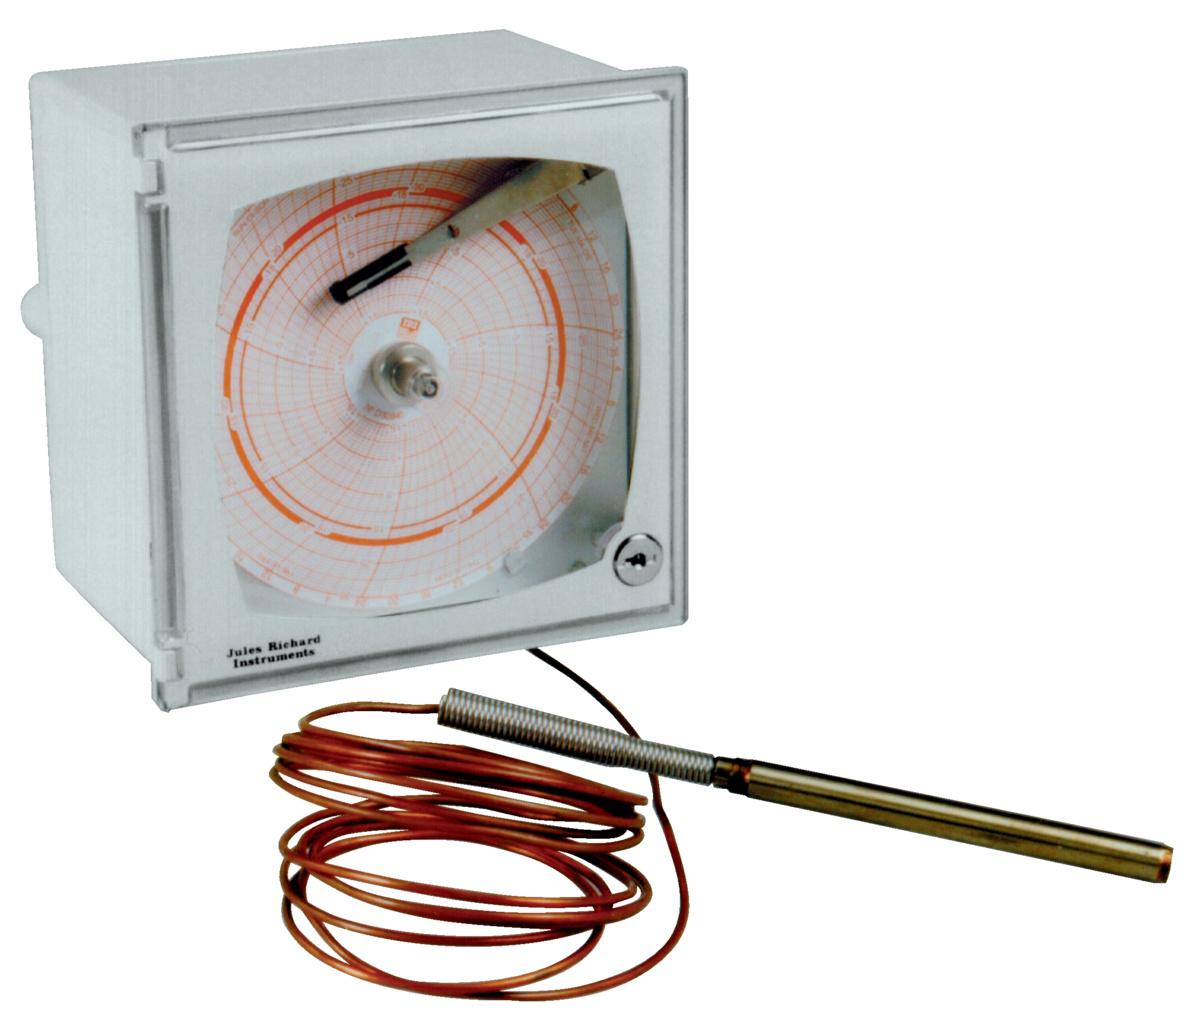 Thermomètre enregistreur pour surgelé enregistreur -35/15 °C Thermometre Thermali Jri